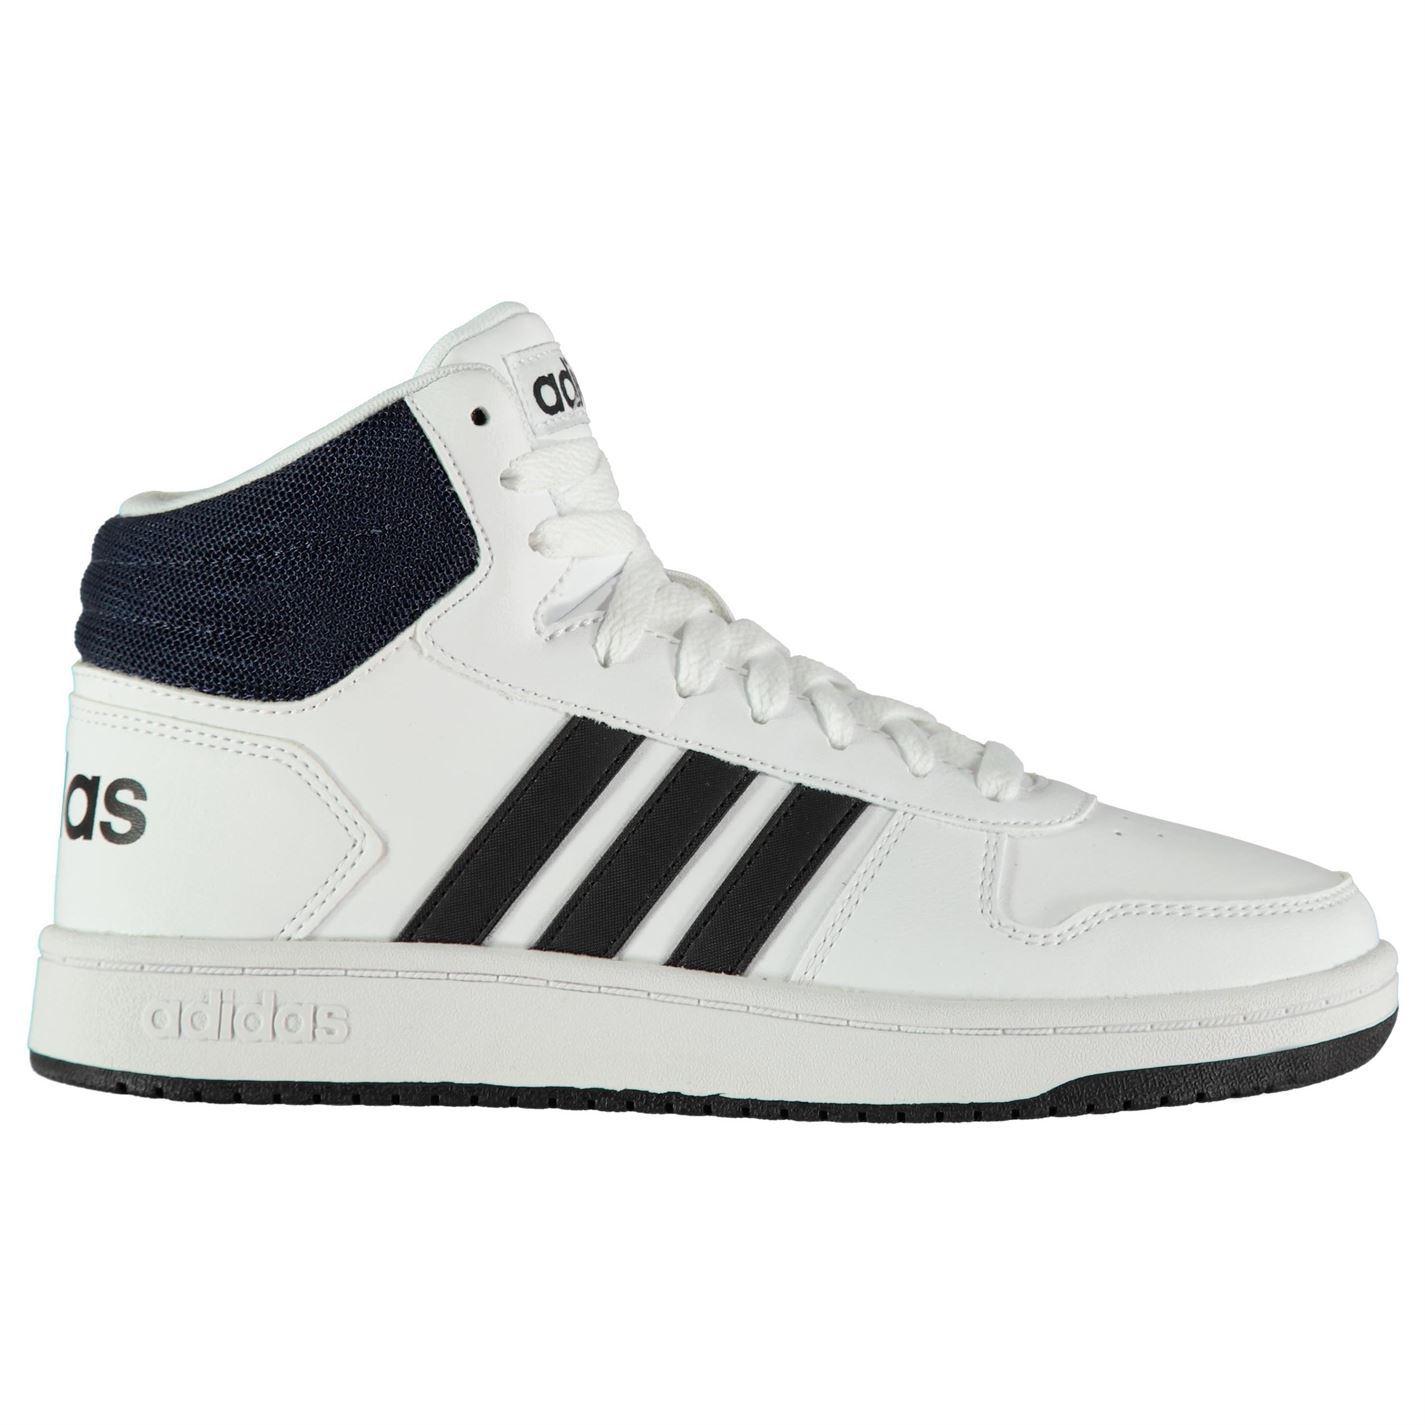 Adidas Homme Basket Mi Montantes Montantes Montantes Haute Cheville rembourrée Col Ajustement Confortable- 39801f